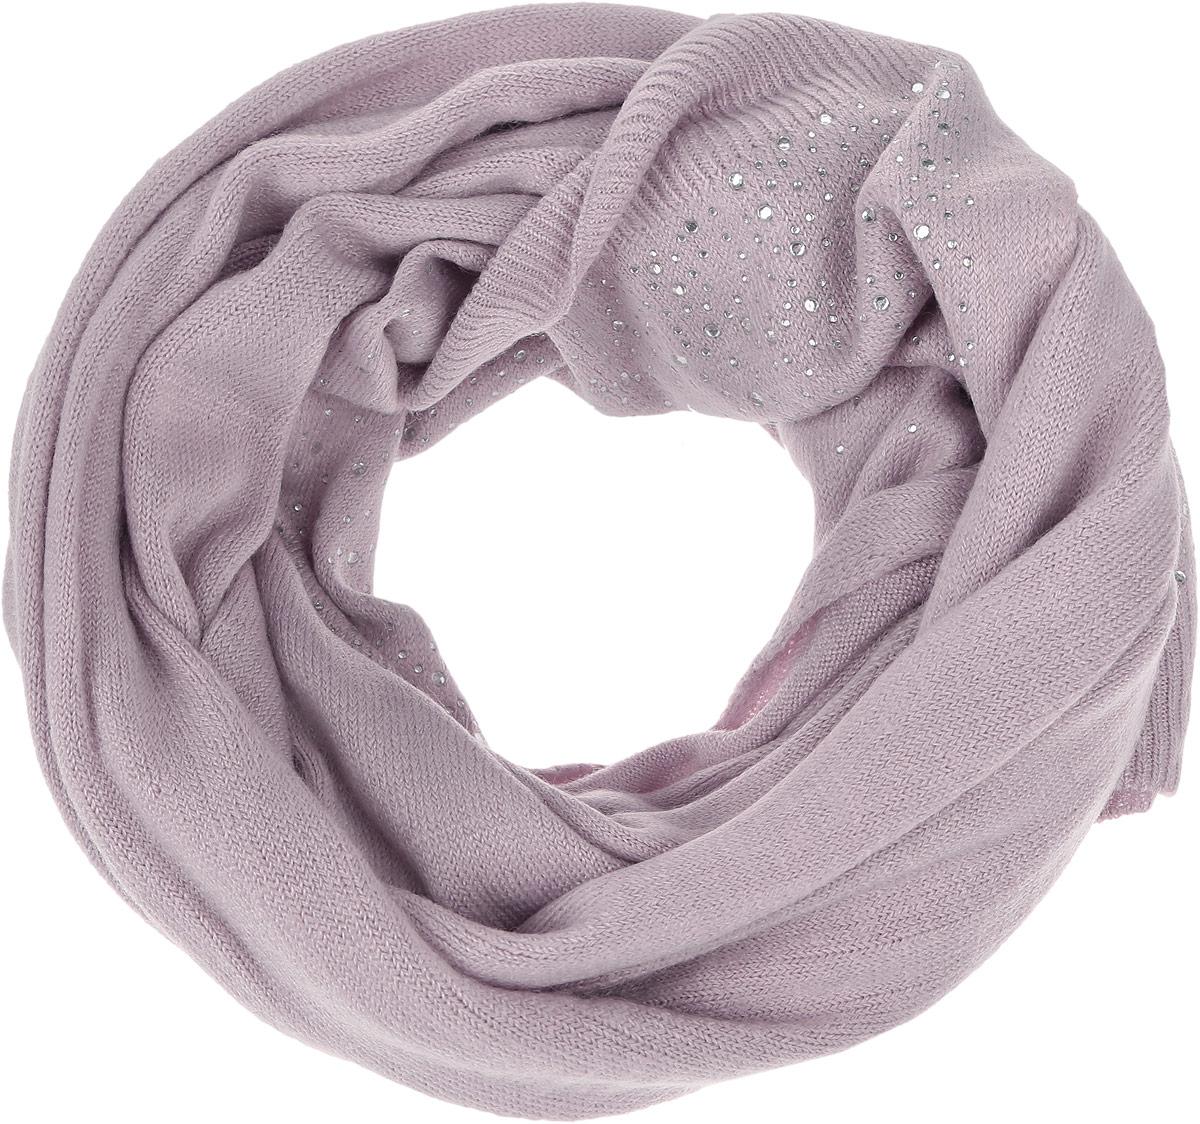 ШарфSC-142/444J-6302Стильный шарф Sela идеально подойдет для прогулок в холодное время года. Он обладает хорошими дышащими свойствами и хорошо удерживает тепло. Дополнен красивыми стразами. Такой шарф станет модным и стильным предметом вашего гардероба. Он улучшит настроение даже в хмурые холодные дни.